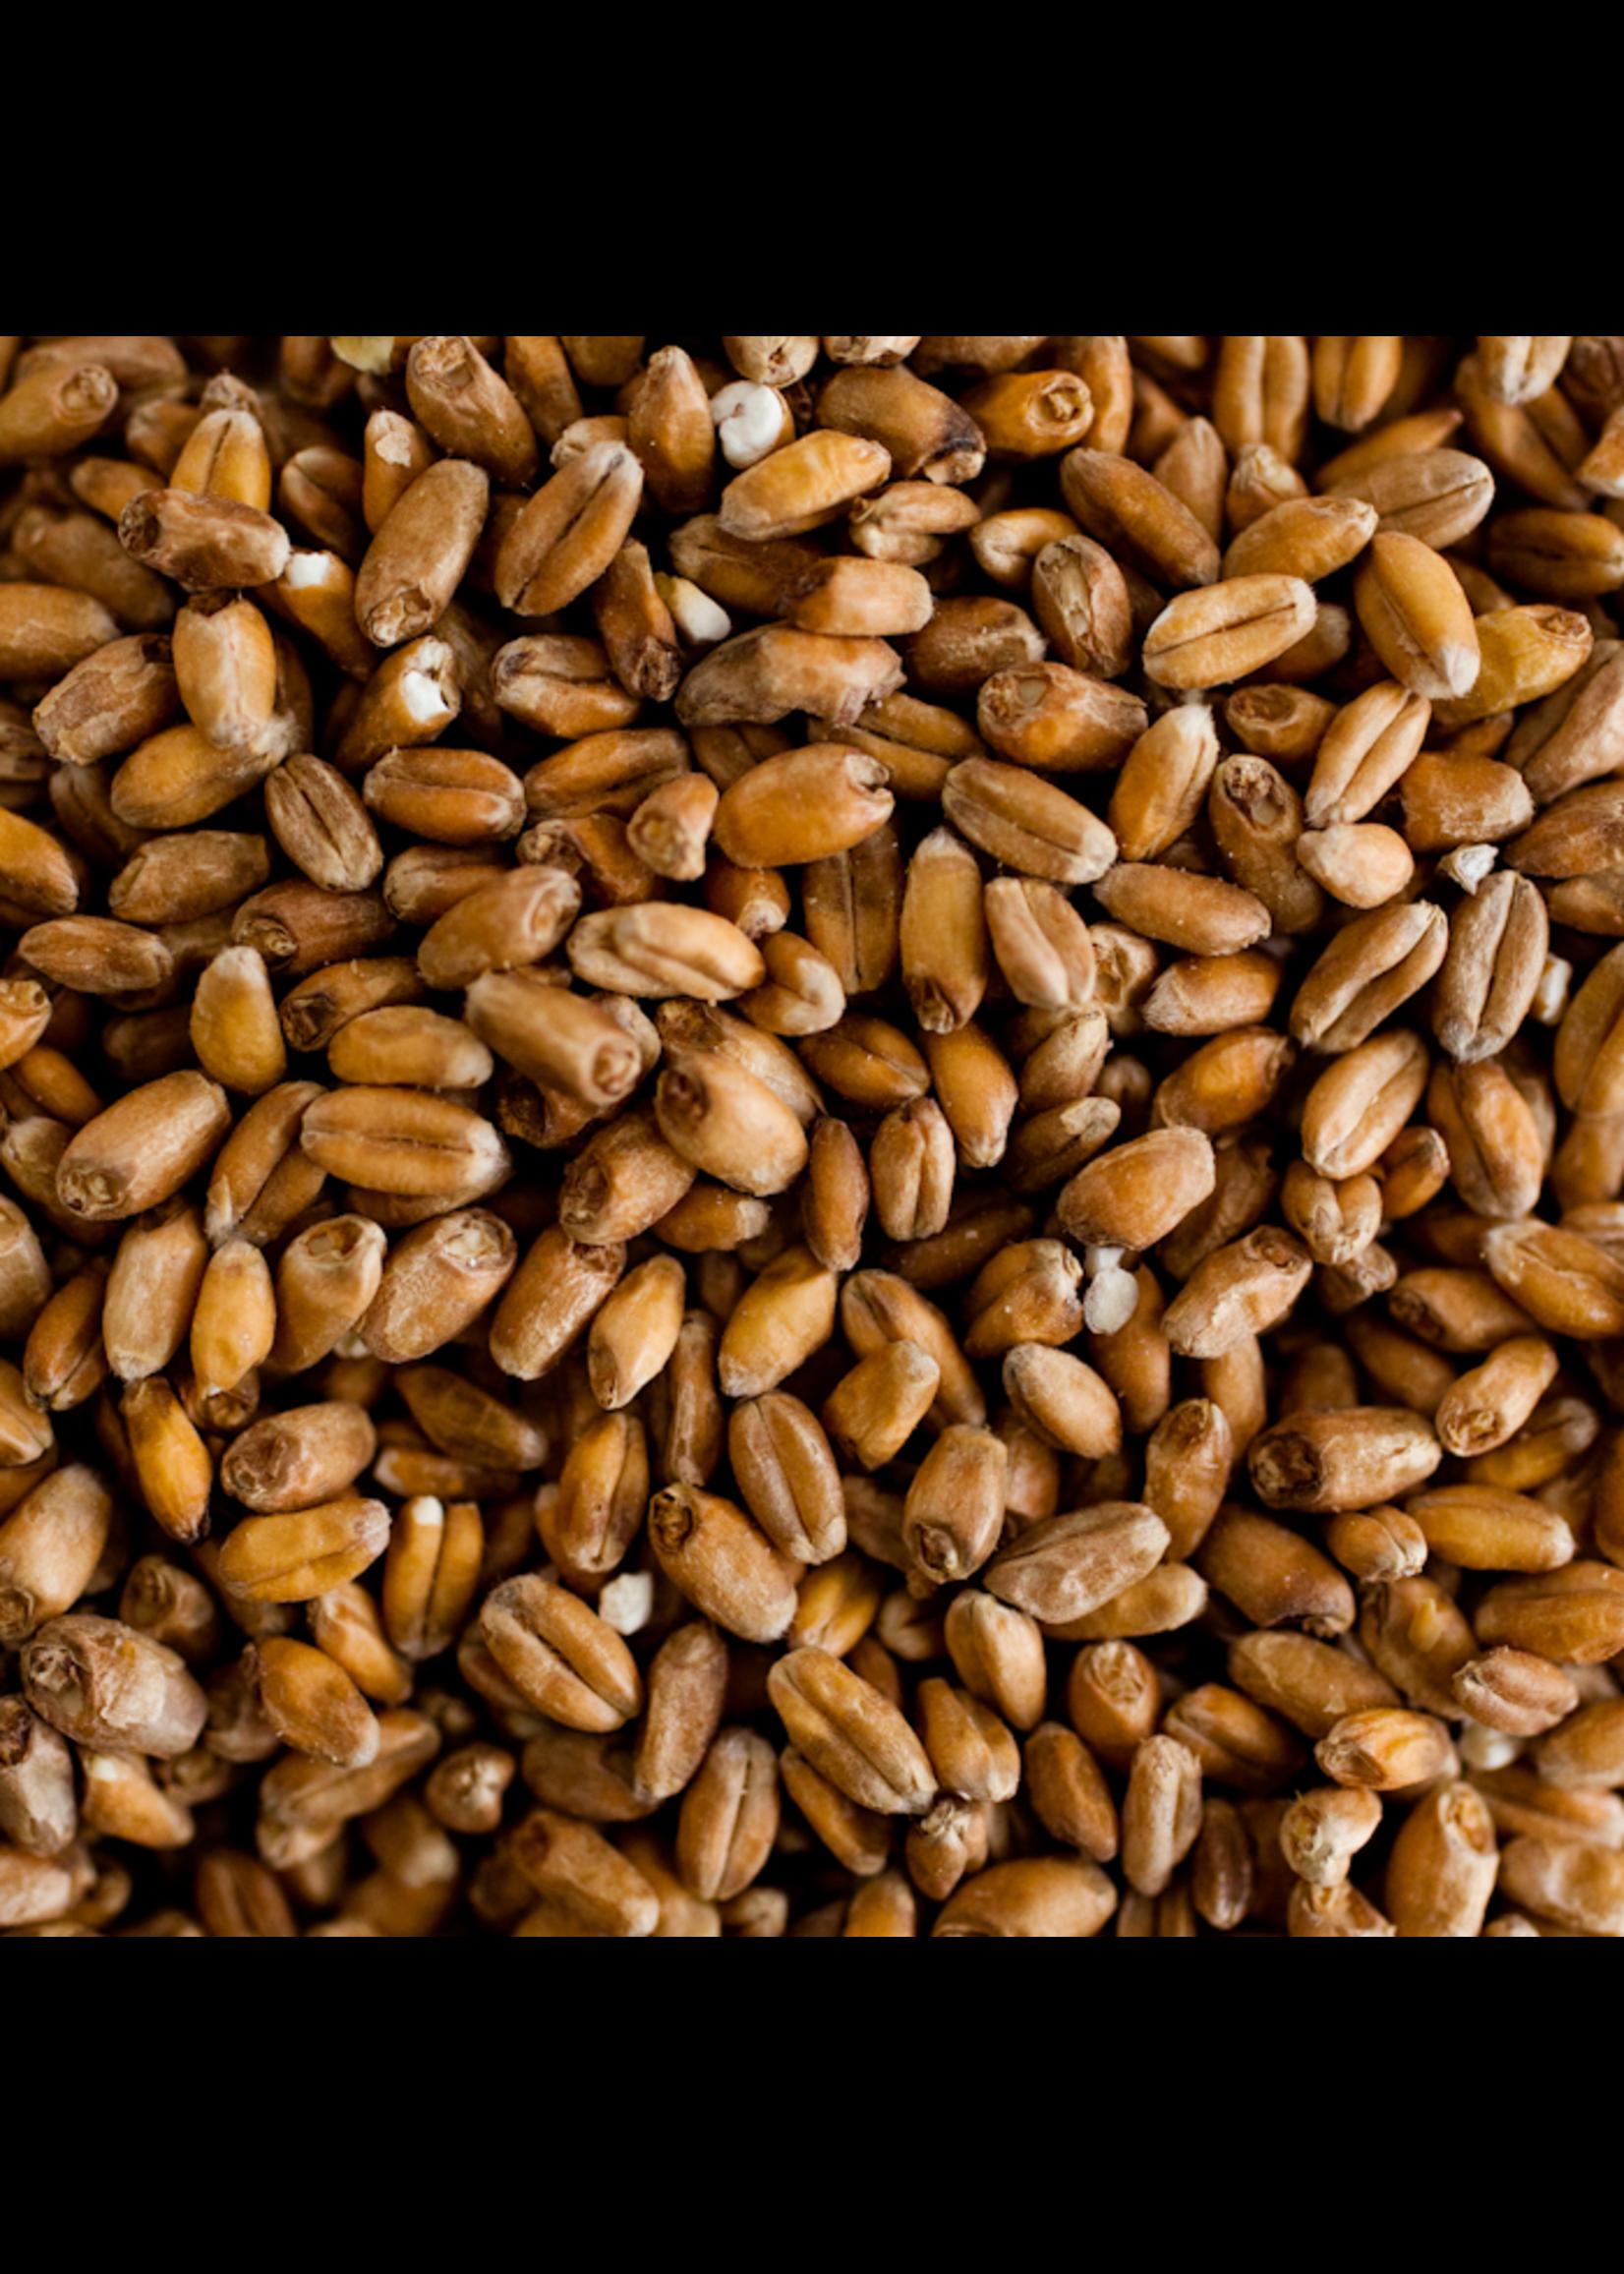 Grain Briess CaraCrystal Wheat - E48 - 1 LB